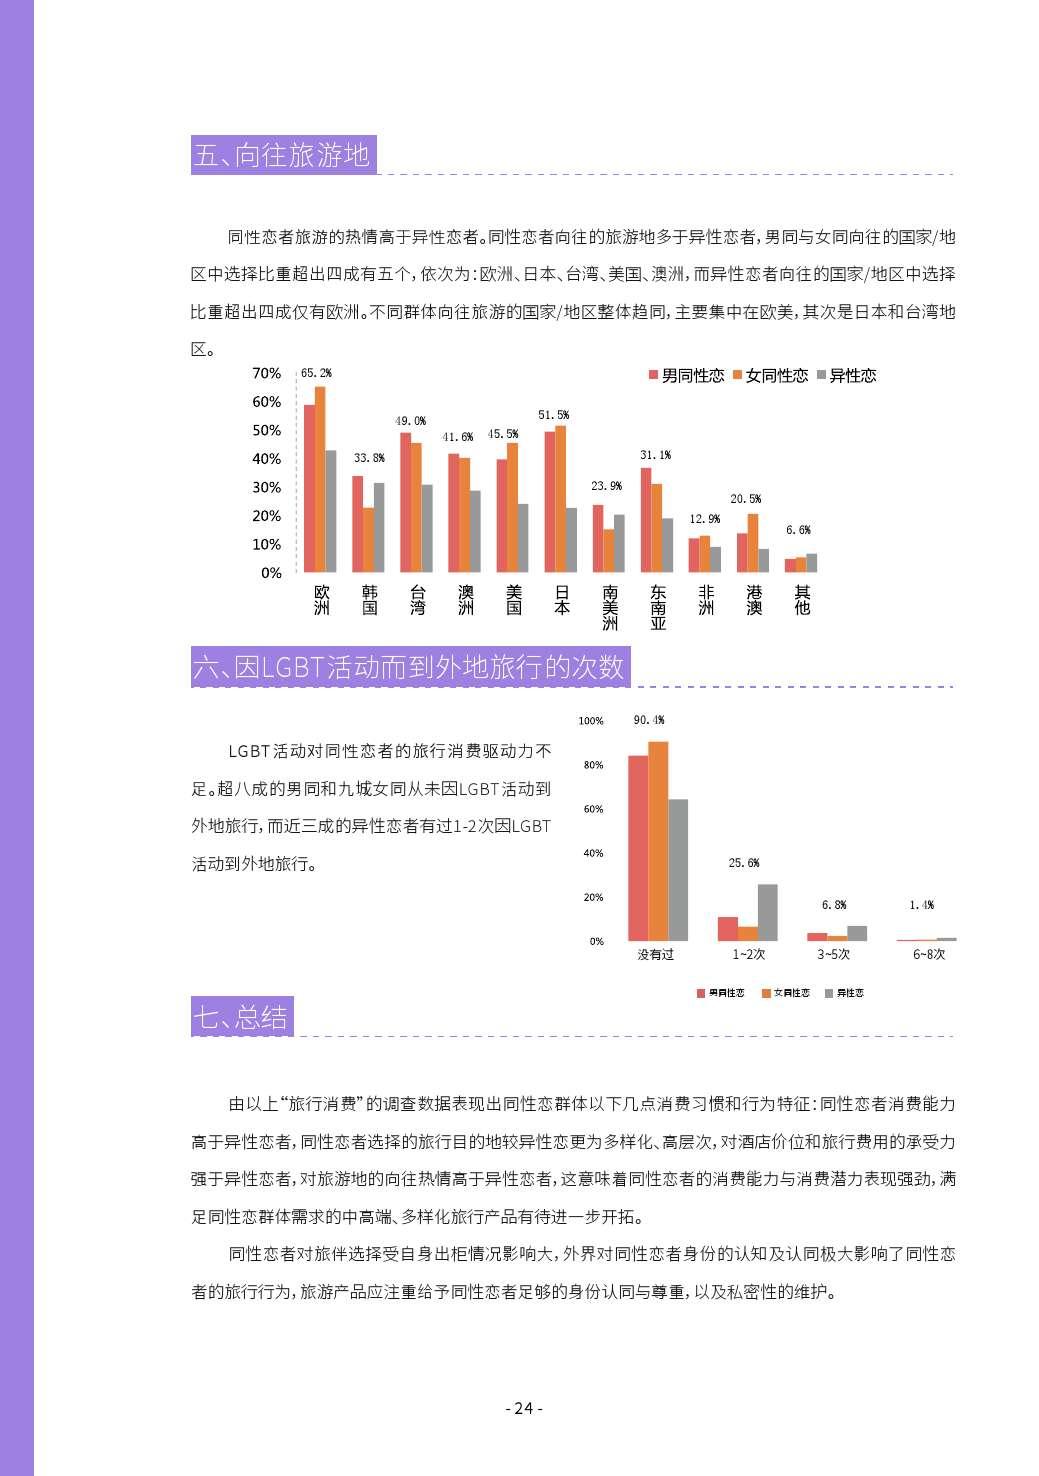 第二届中国LGBT群体消费调查报告_000024